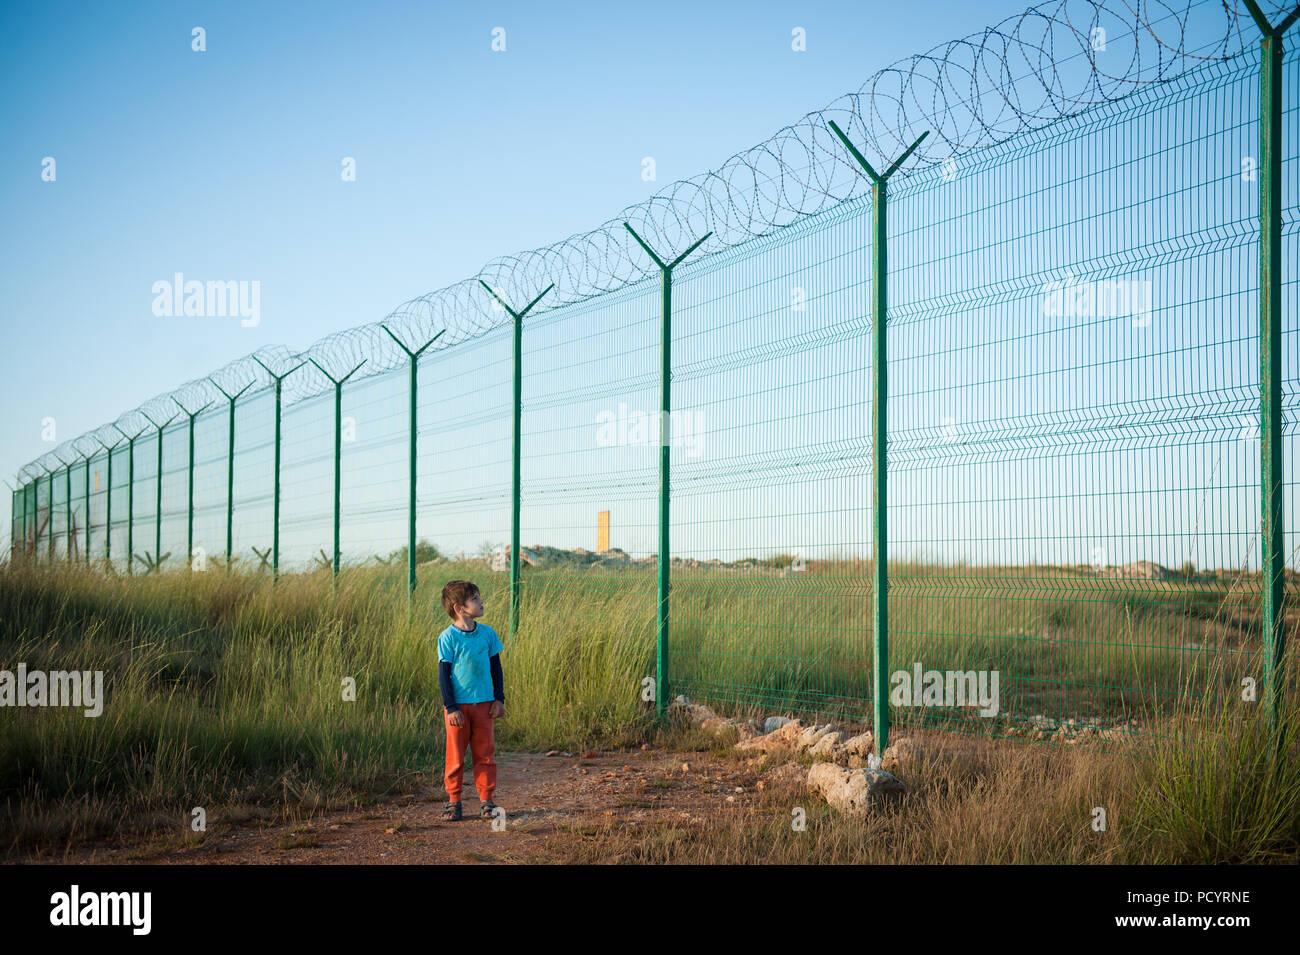 Einsame kleine kaukasischen kid Flüchtling beobachten bei hohen Zaun mit Stacheldraht Stacheldraht Wüste Stockbild